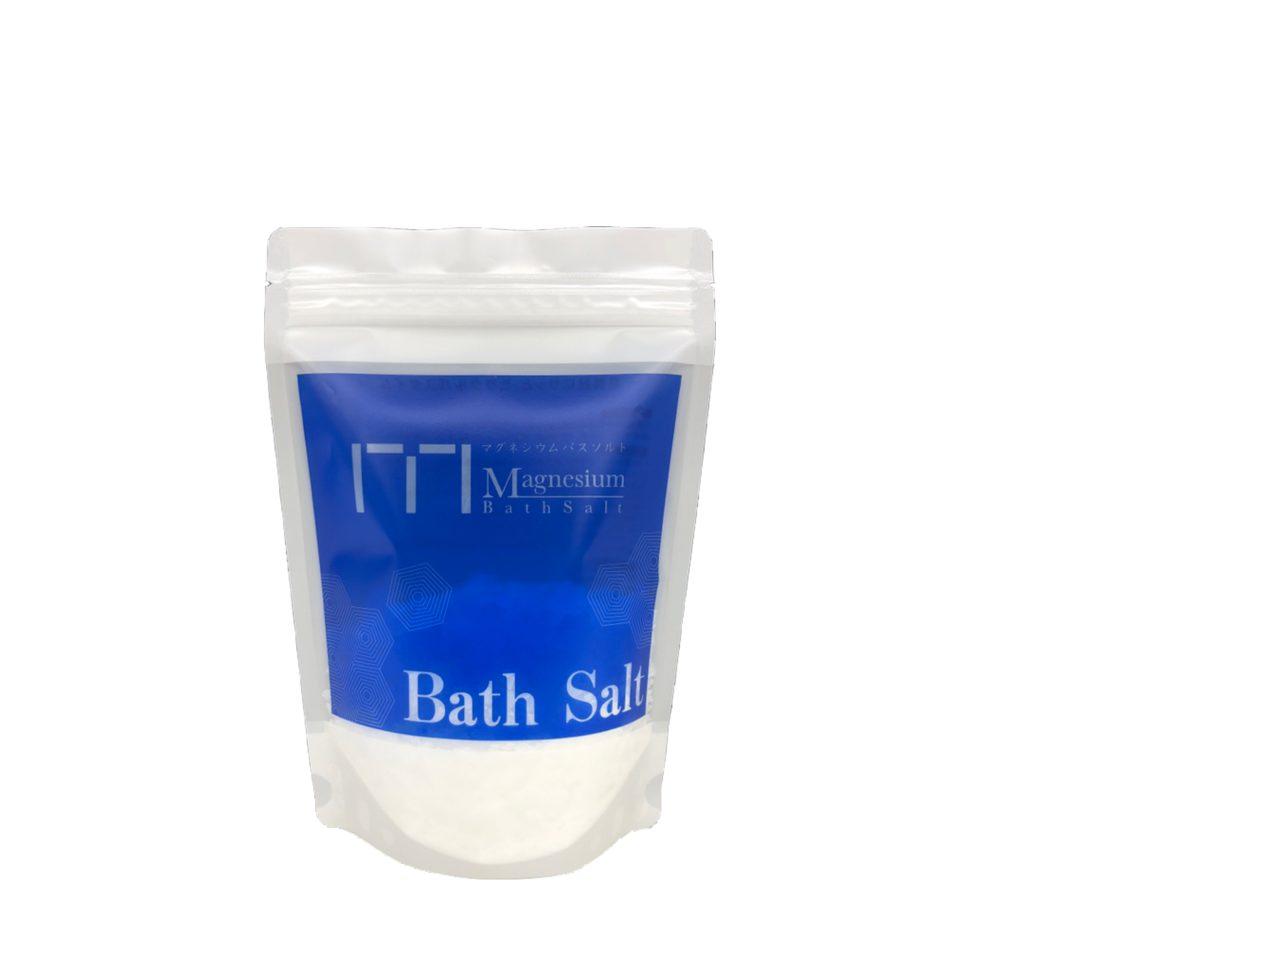 マグネシウム入浴剤 600g